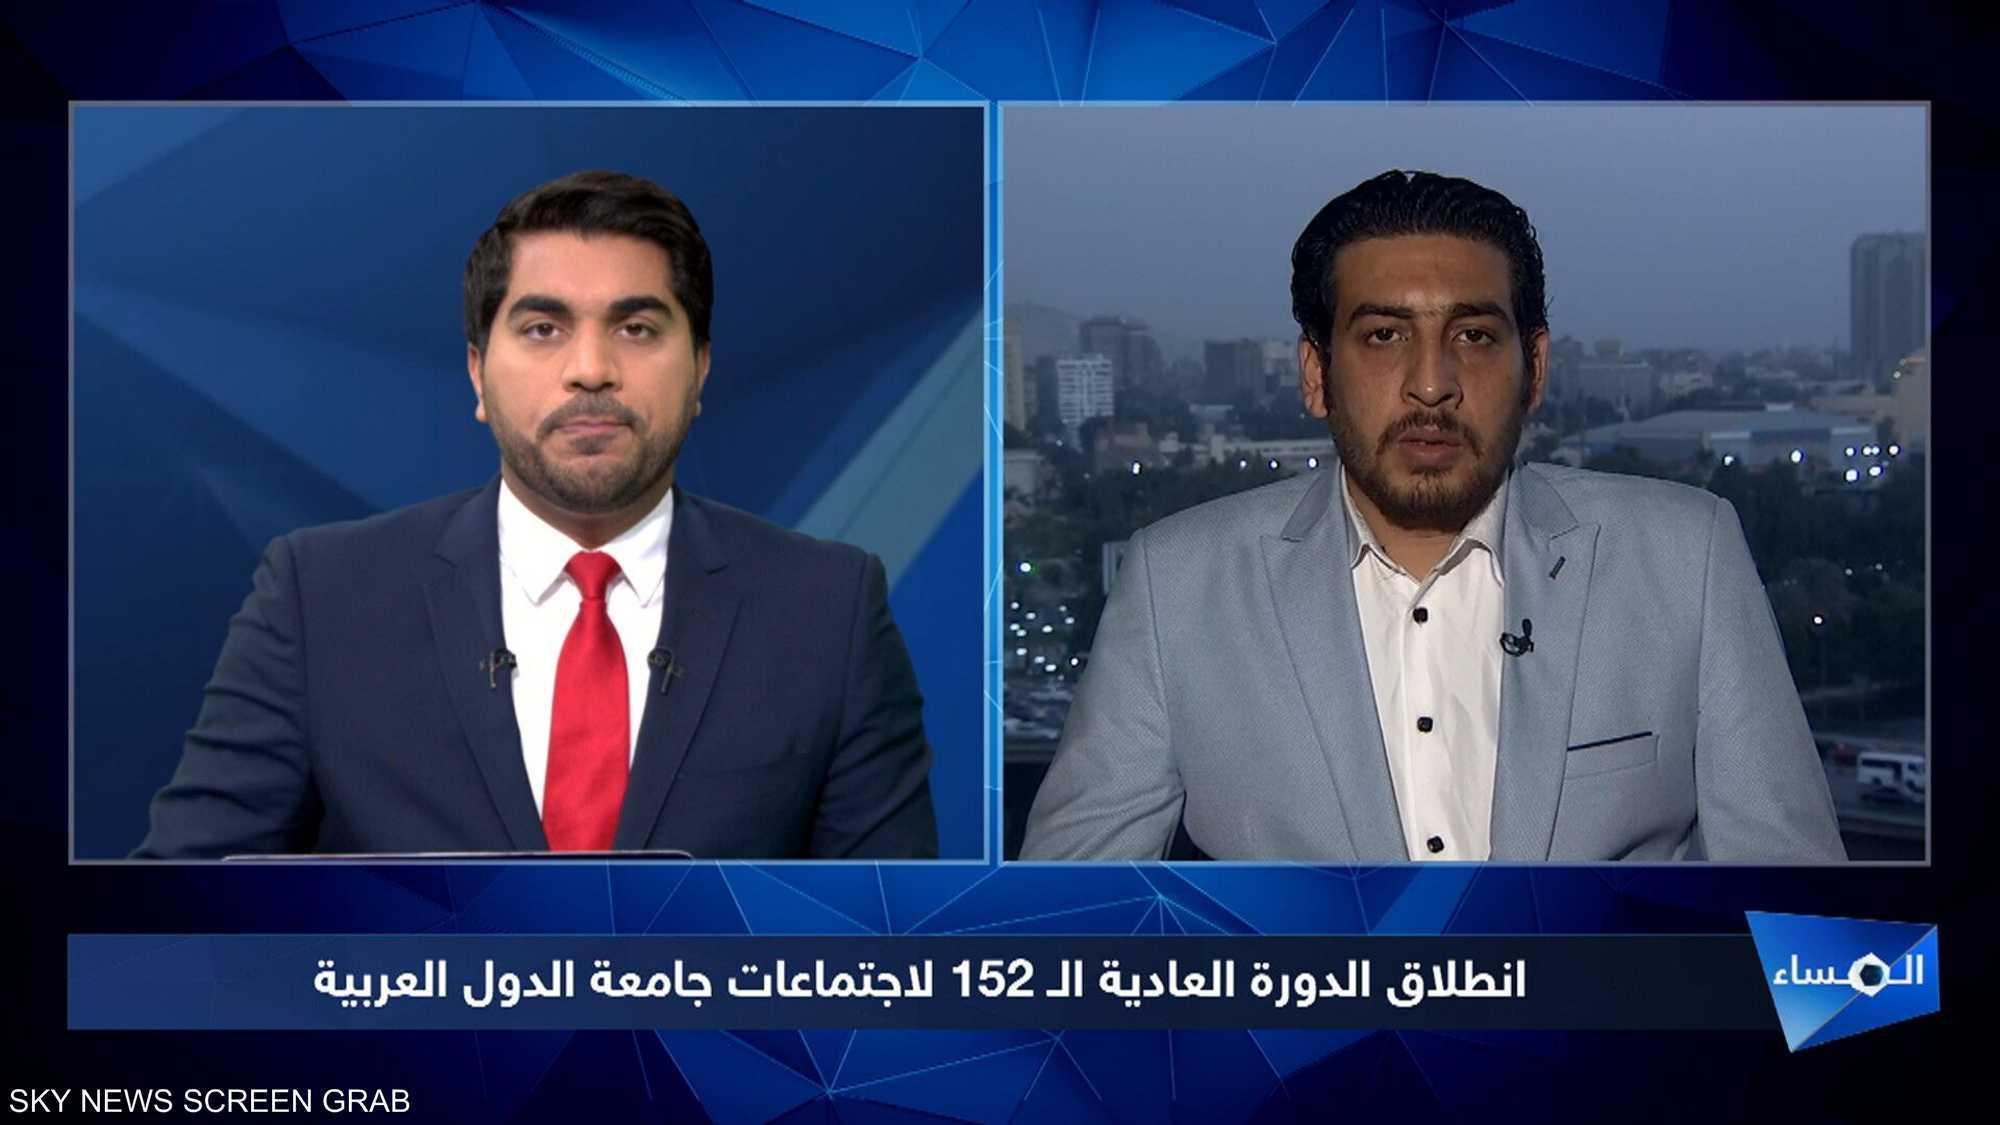 انطلاق الدورة العادية الـ 152 لاجتماعات جامعة الدول العربية